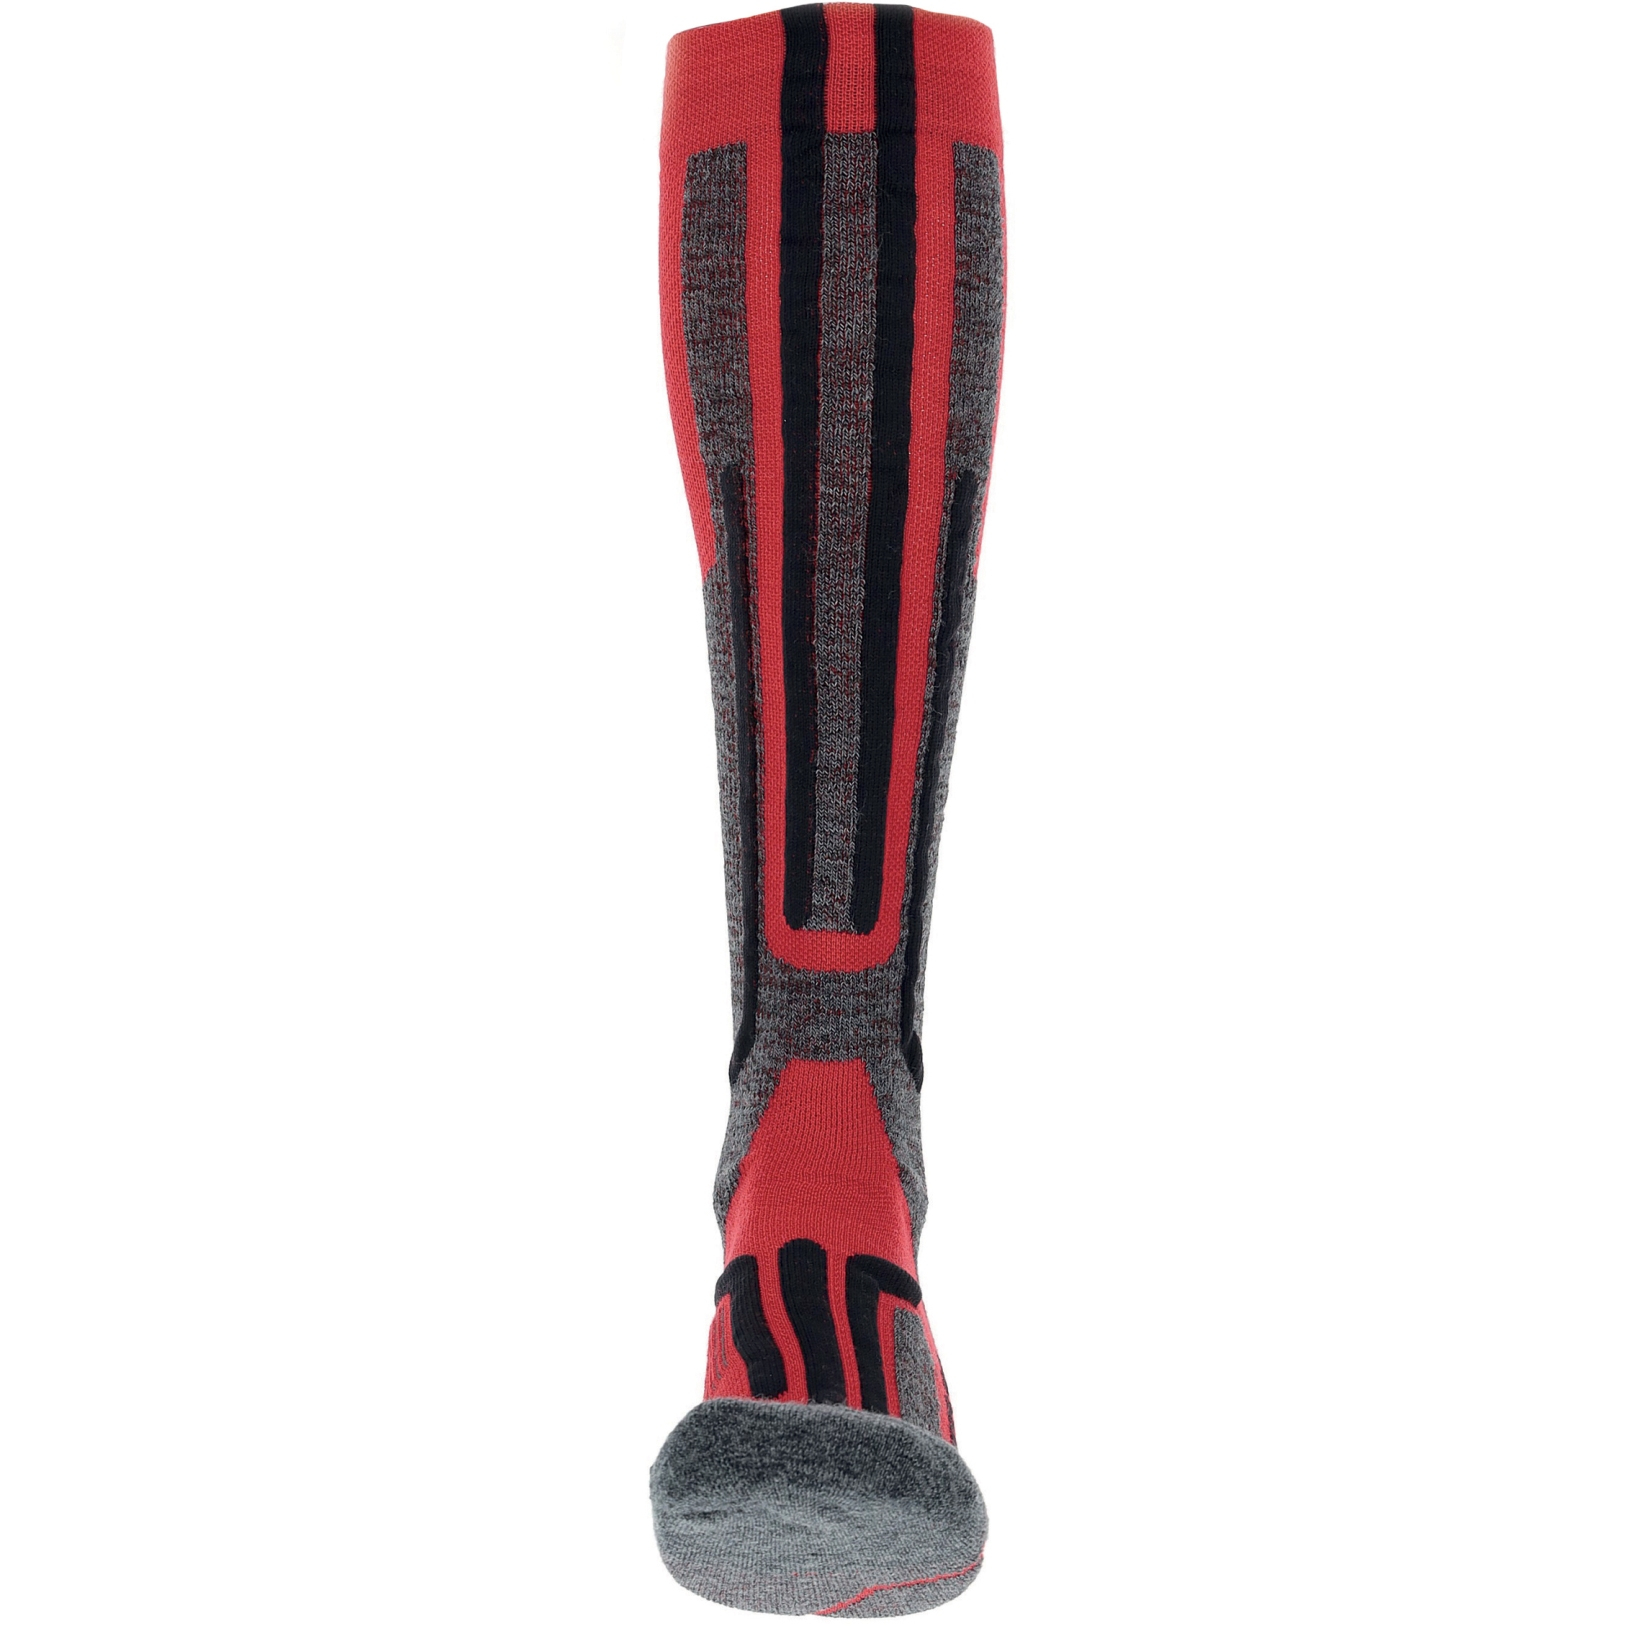 Bild von UYN Ski Merino Socken - Rot/Schwarz